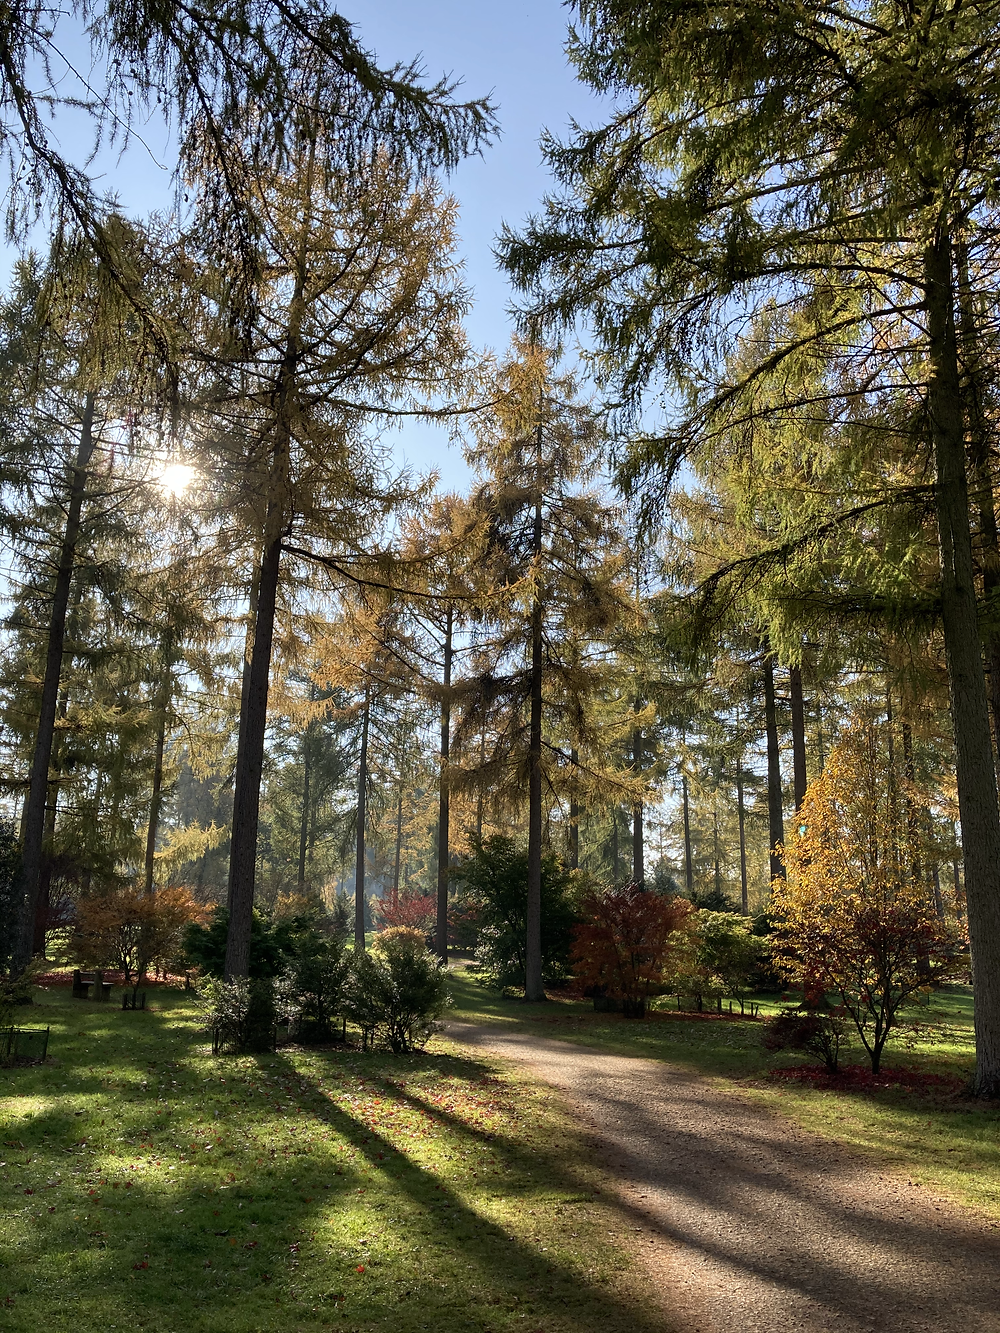 westonbirt in autumn